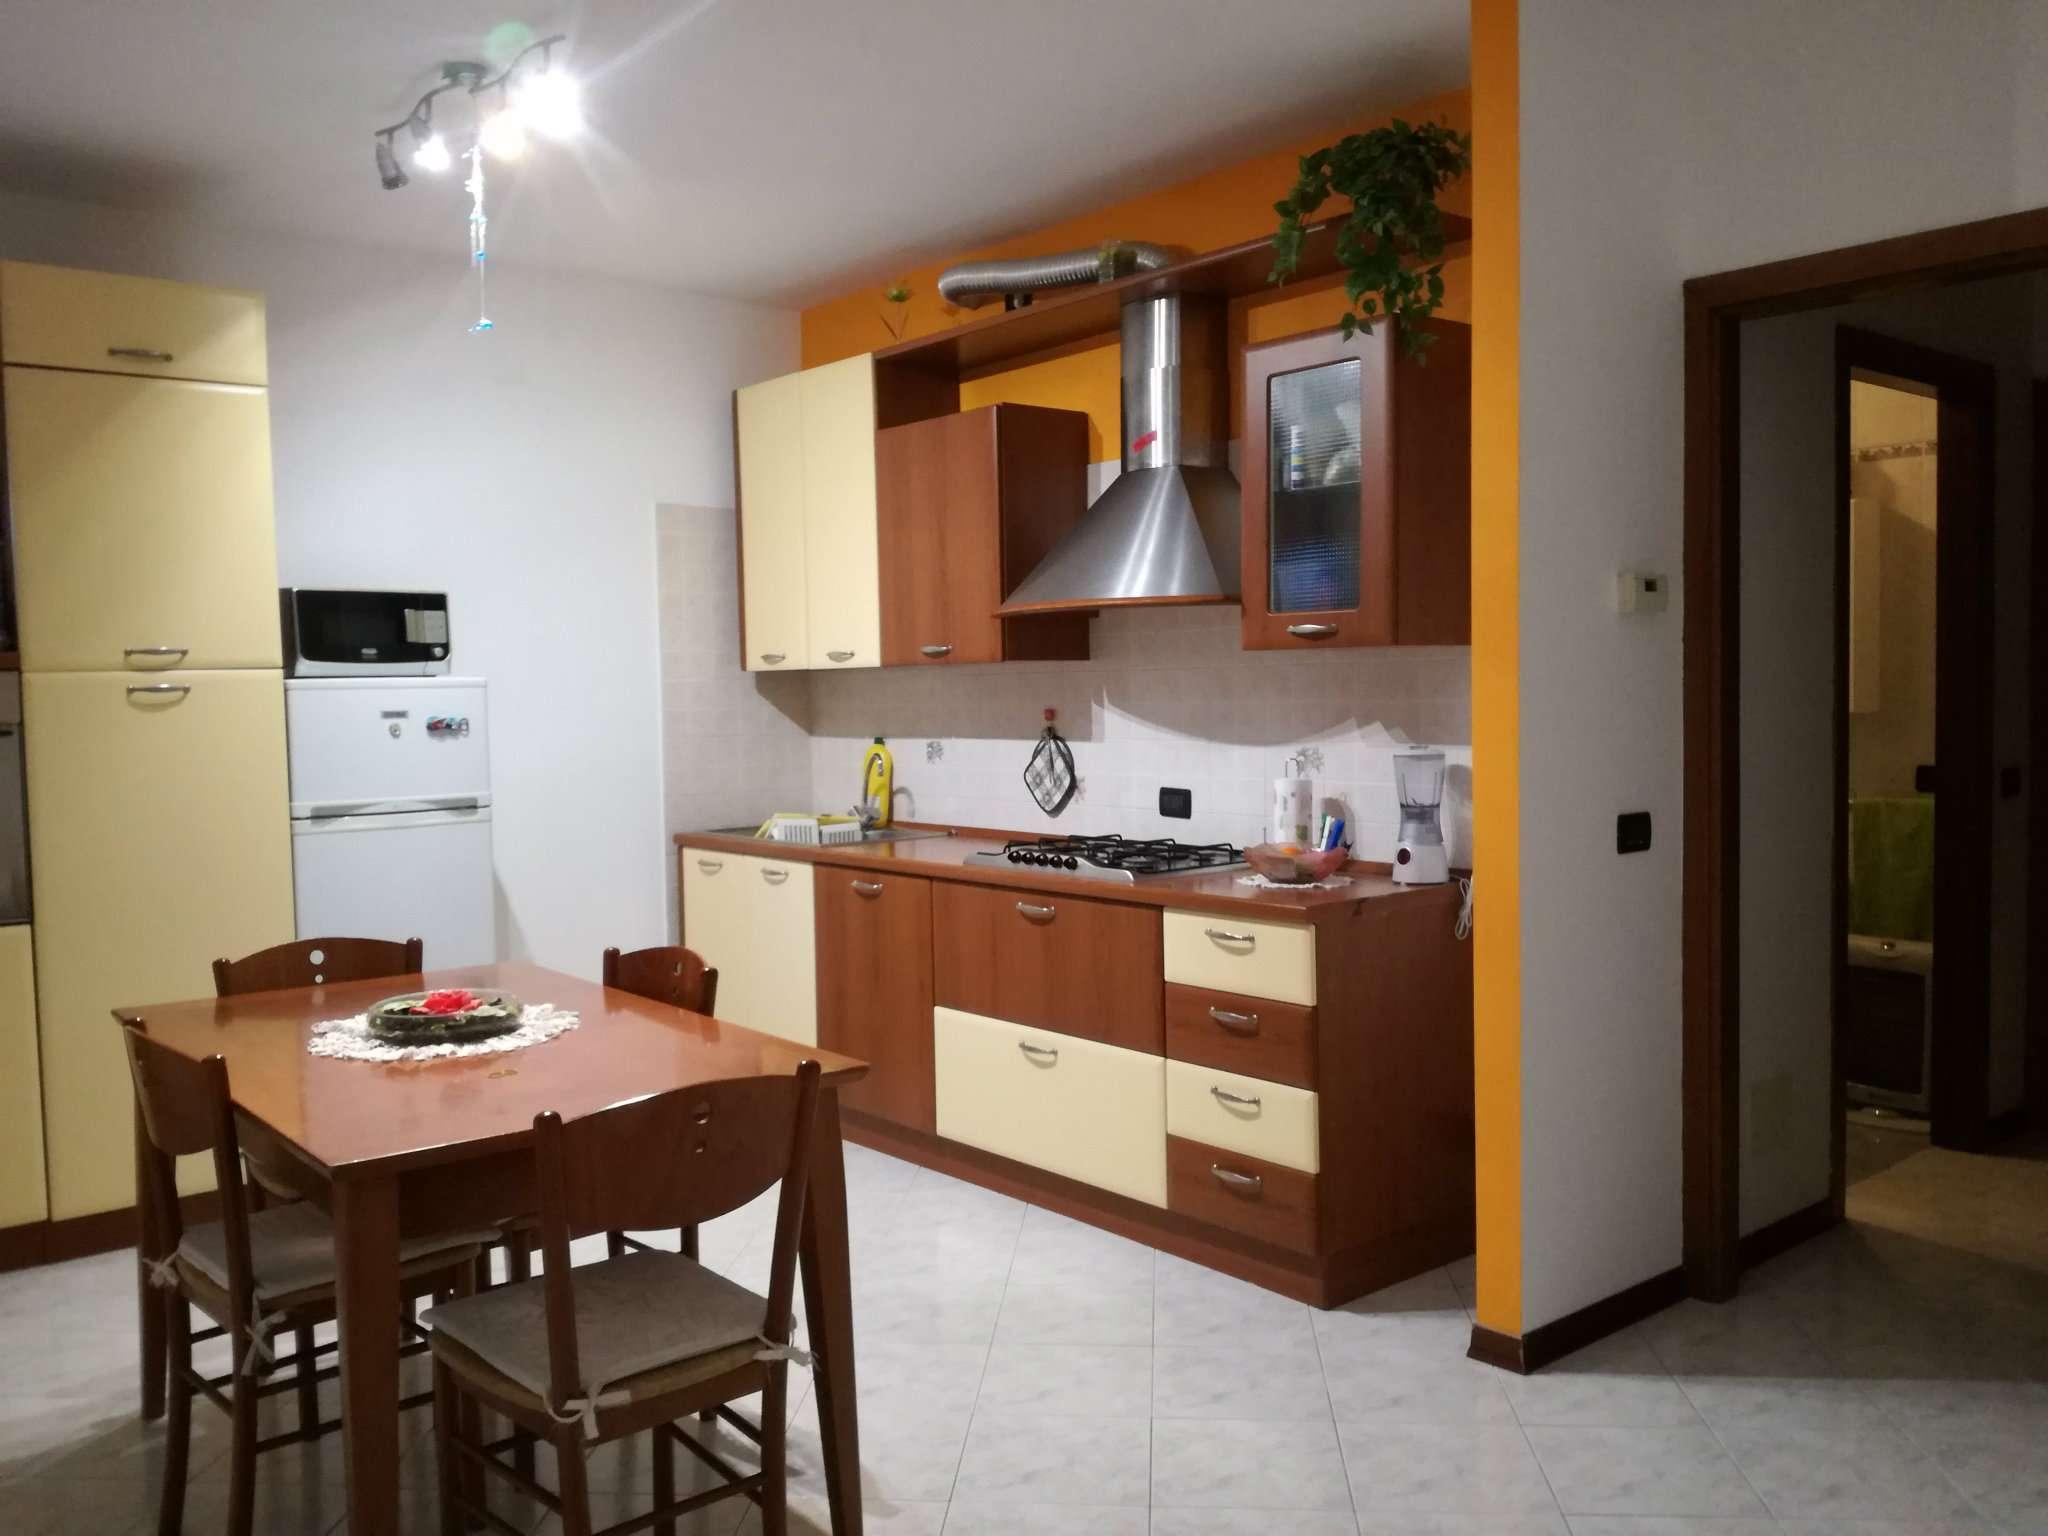 Appartamento in affitto a Dolo, 3 locali, prezzo € 500 | Cambio Casa.it